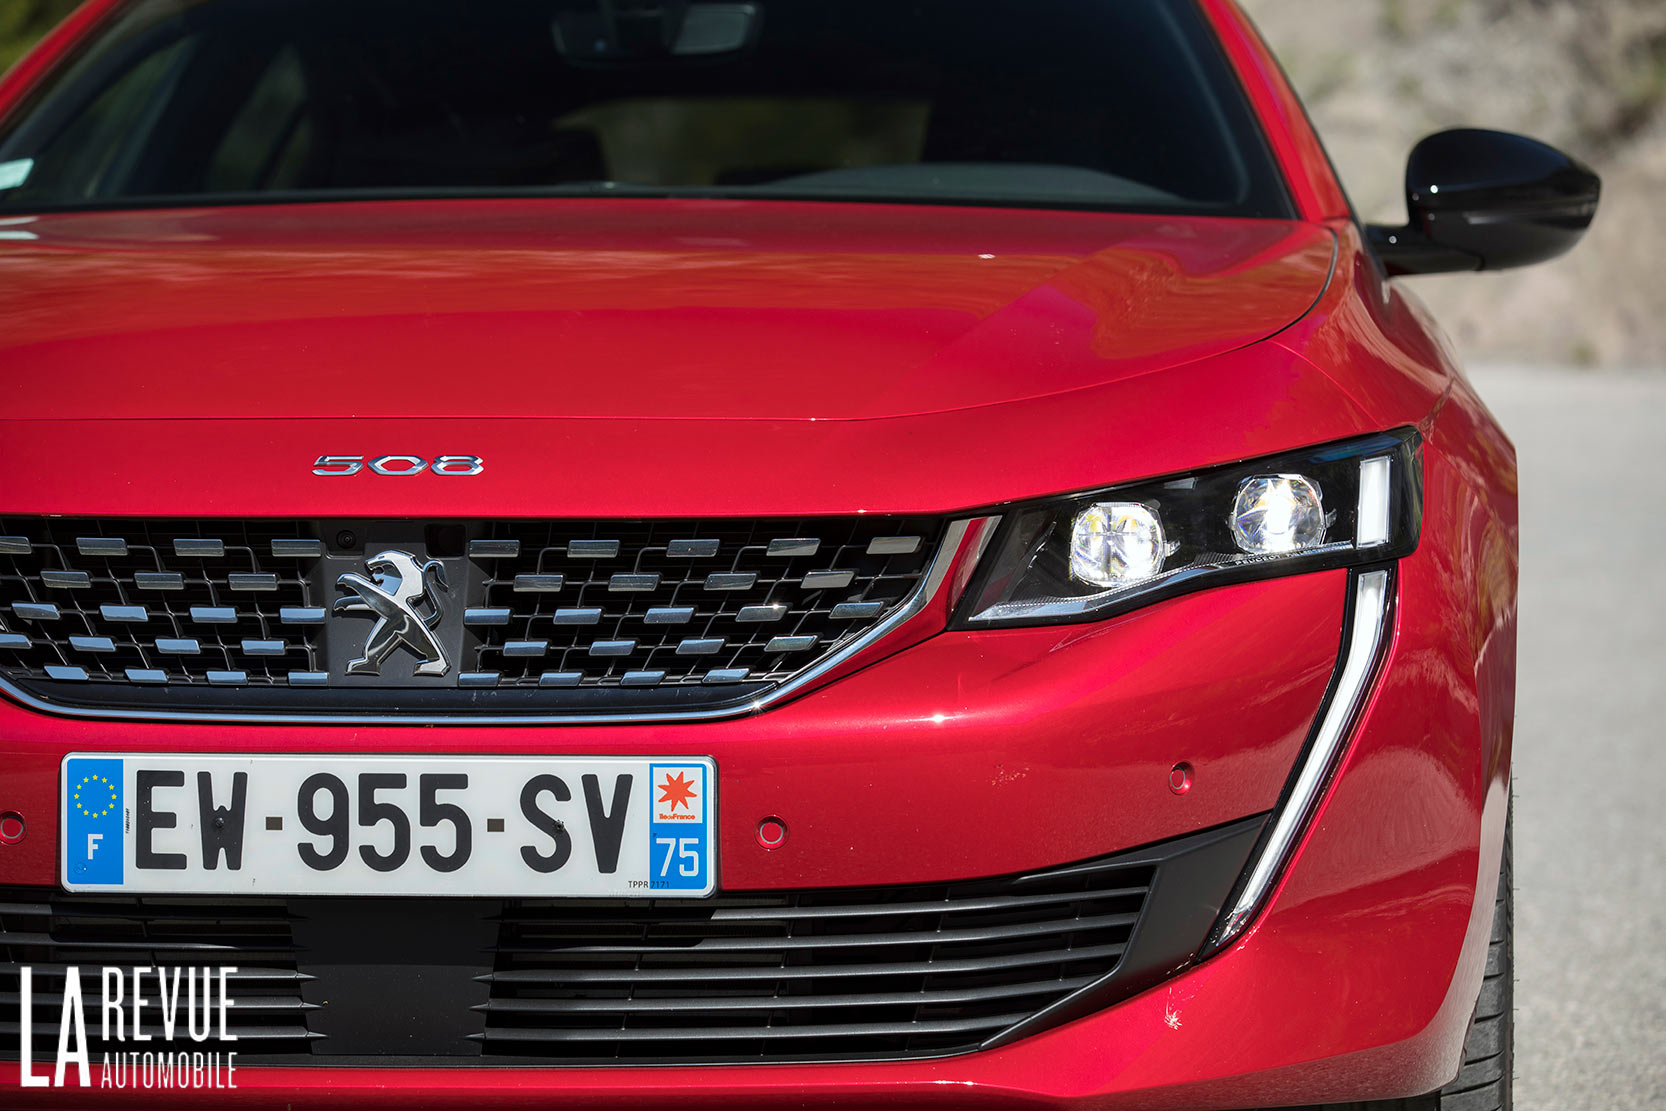 Calandre, Face avant de la nouvelle Peugeot 508 berline en finition GT